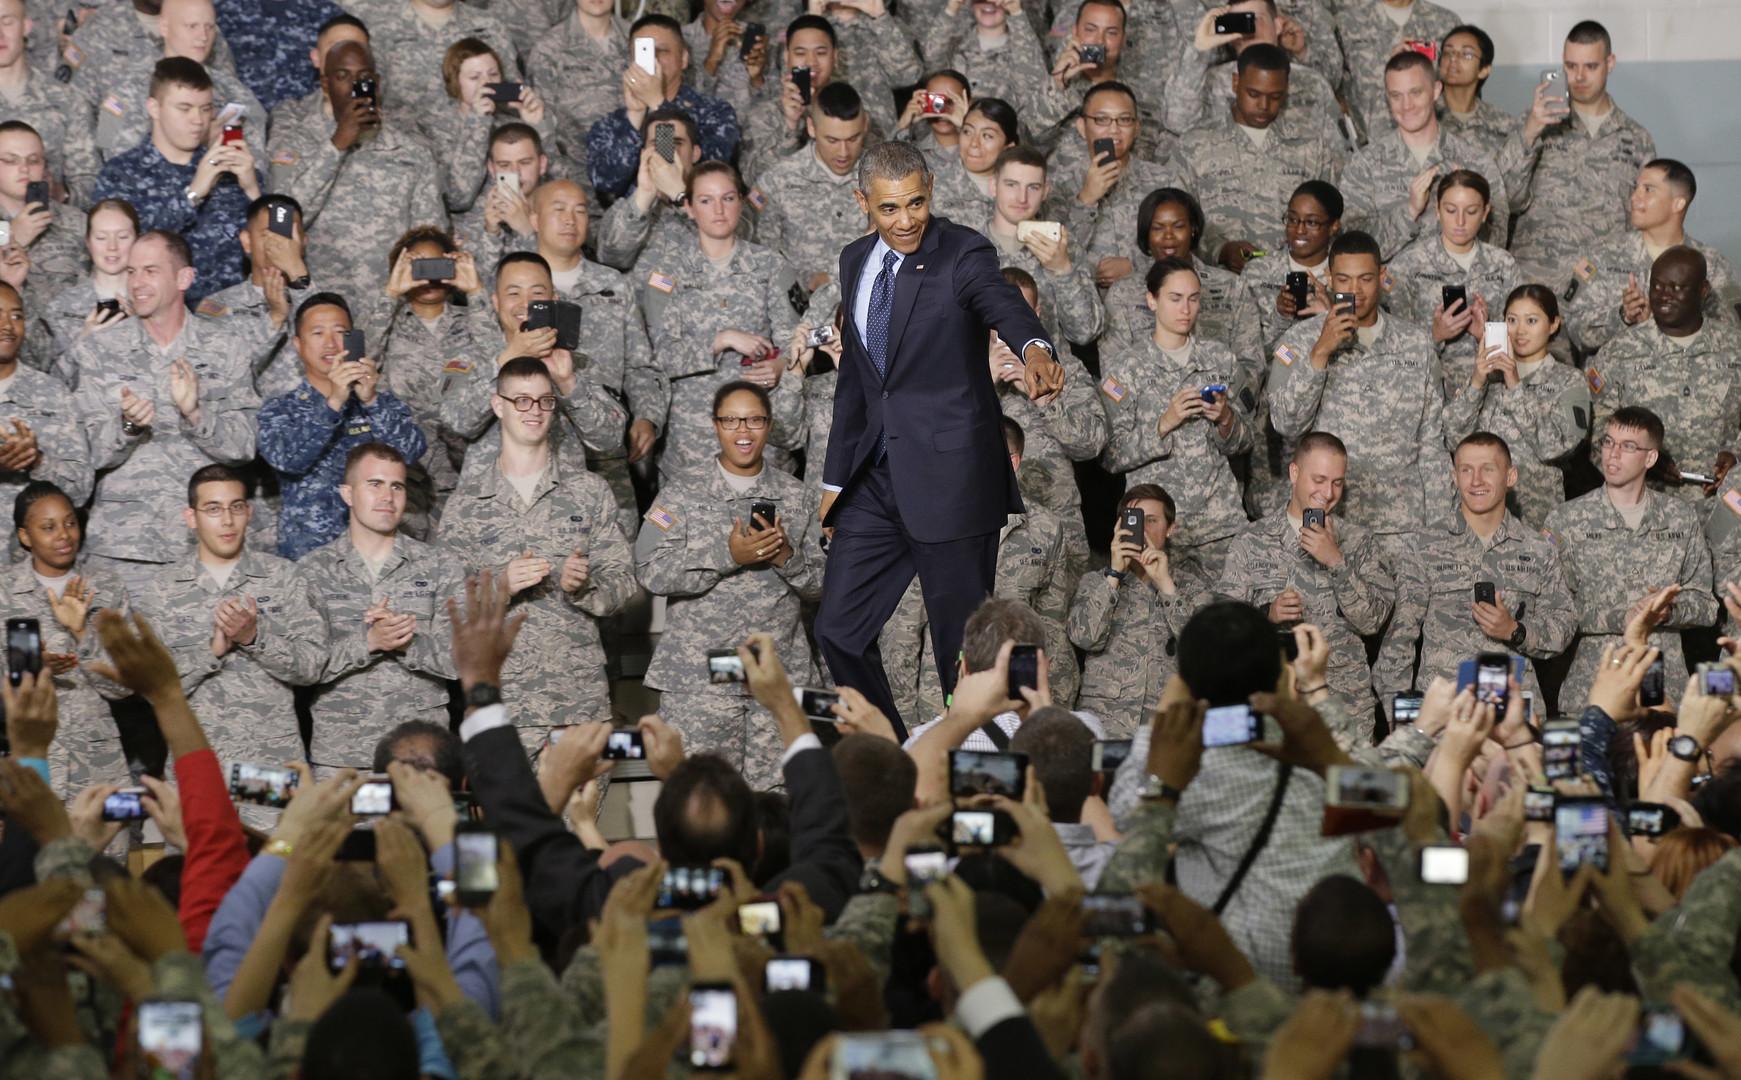 Barack Obama bei einem Treffen mit amerikanischen Militärs und Diplomaten auf dem US-Stürzpunkt Yongsan Garrison in Seoul, Südkorea im April 2014.